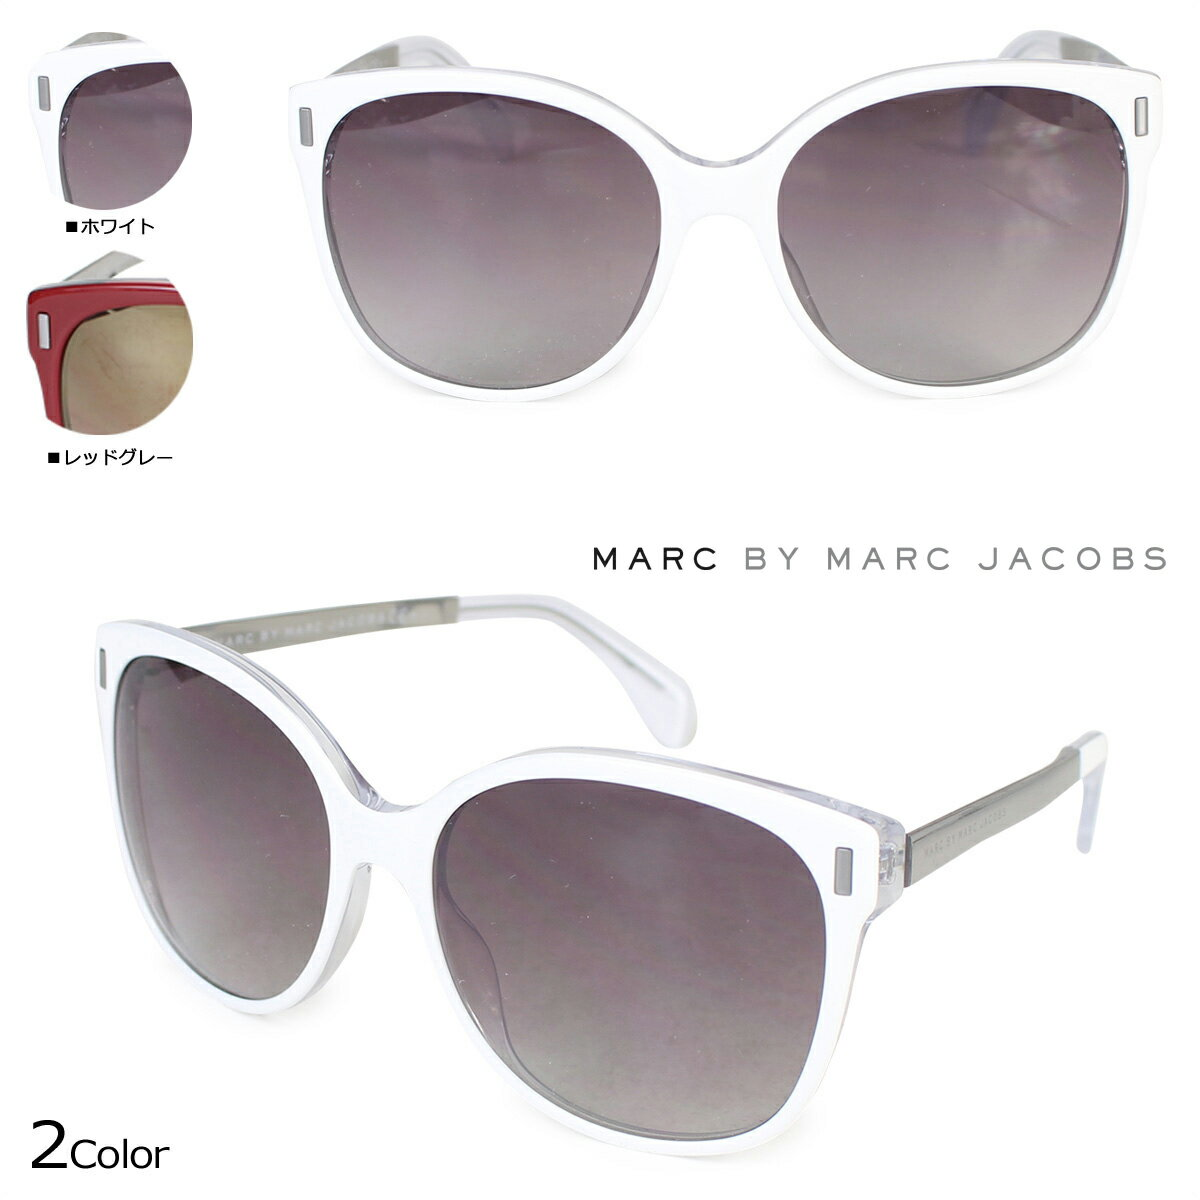 MARC BY MARC JACOBS マークバイマークジェイコブス サングラス レディース UVカット MMJ464/S ホワイト レッドグレー